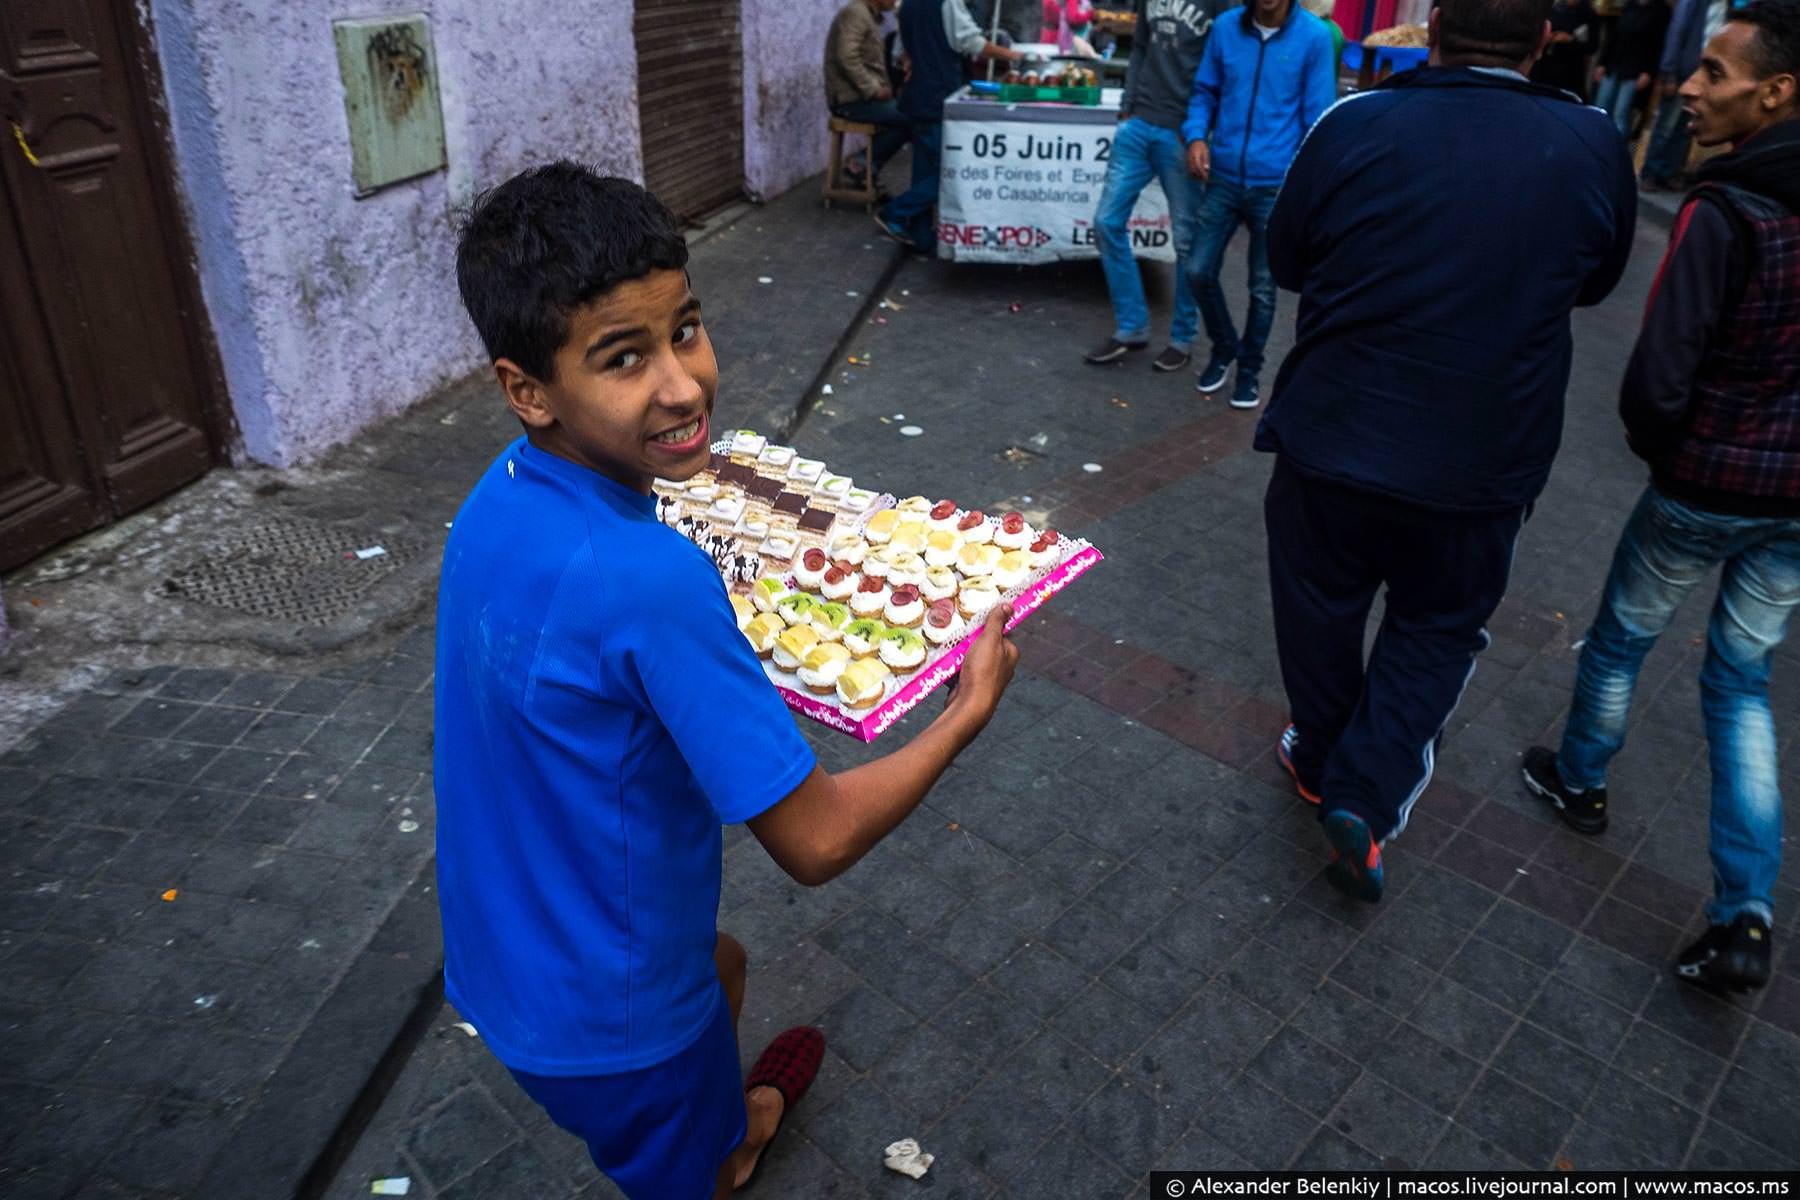 Фото: Мальчик несёт сладости